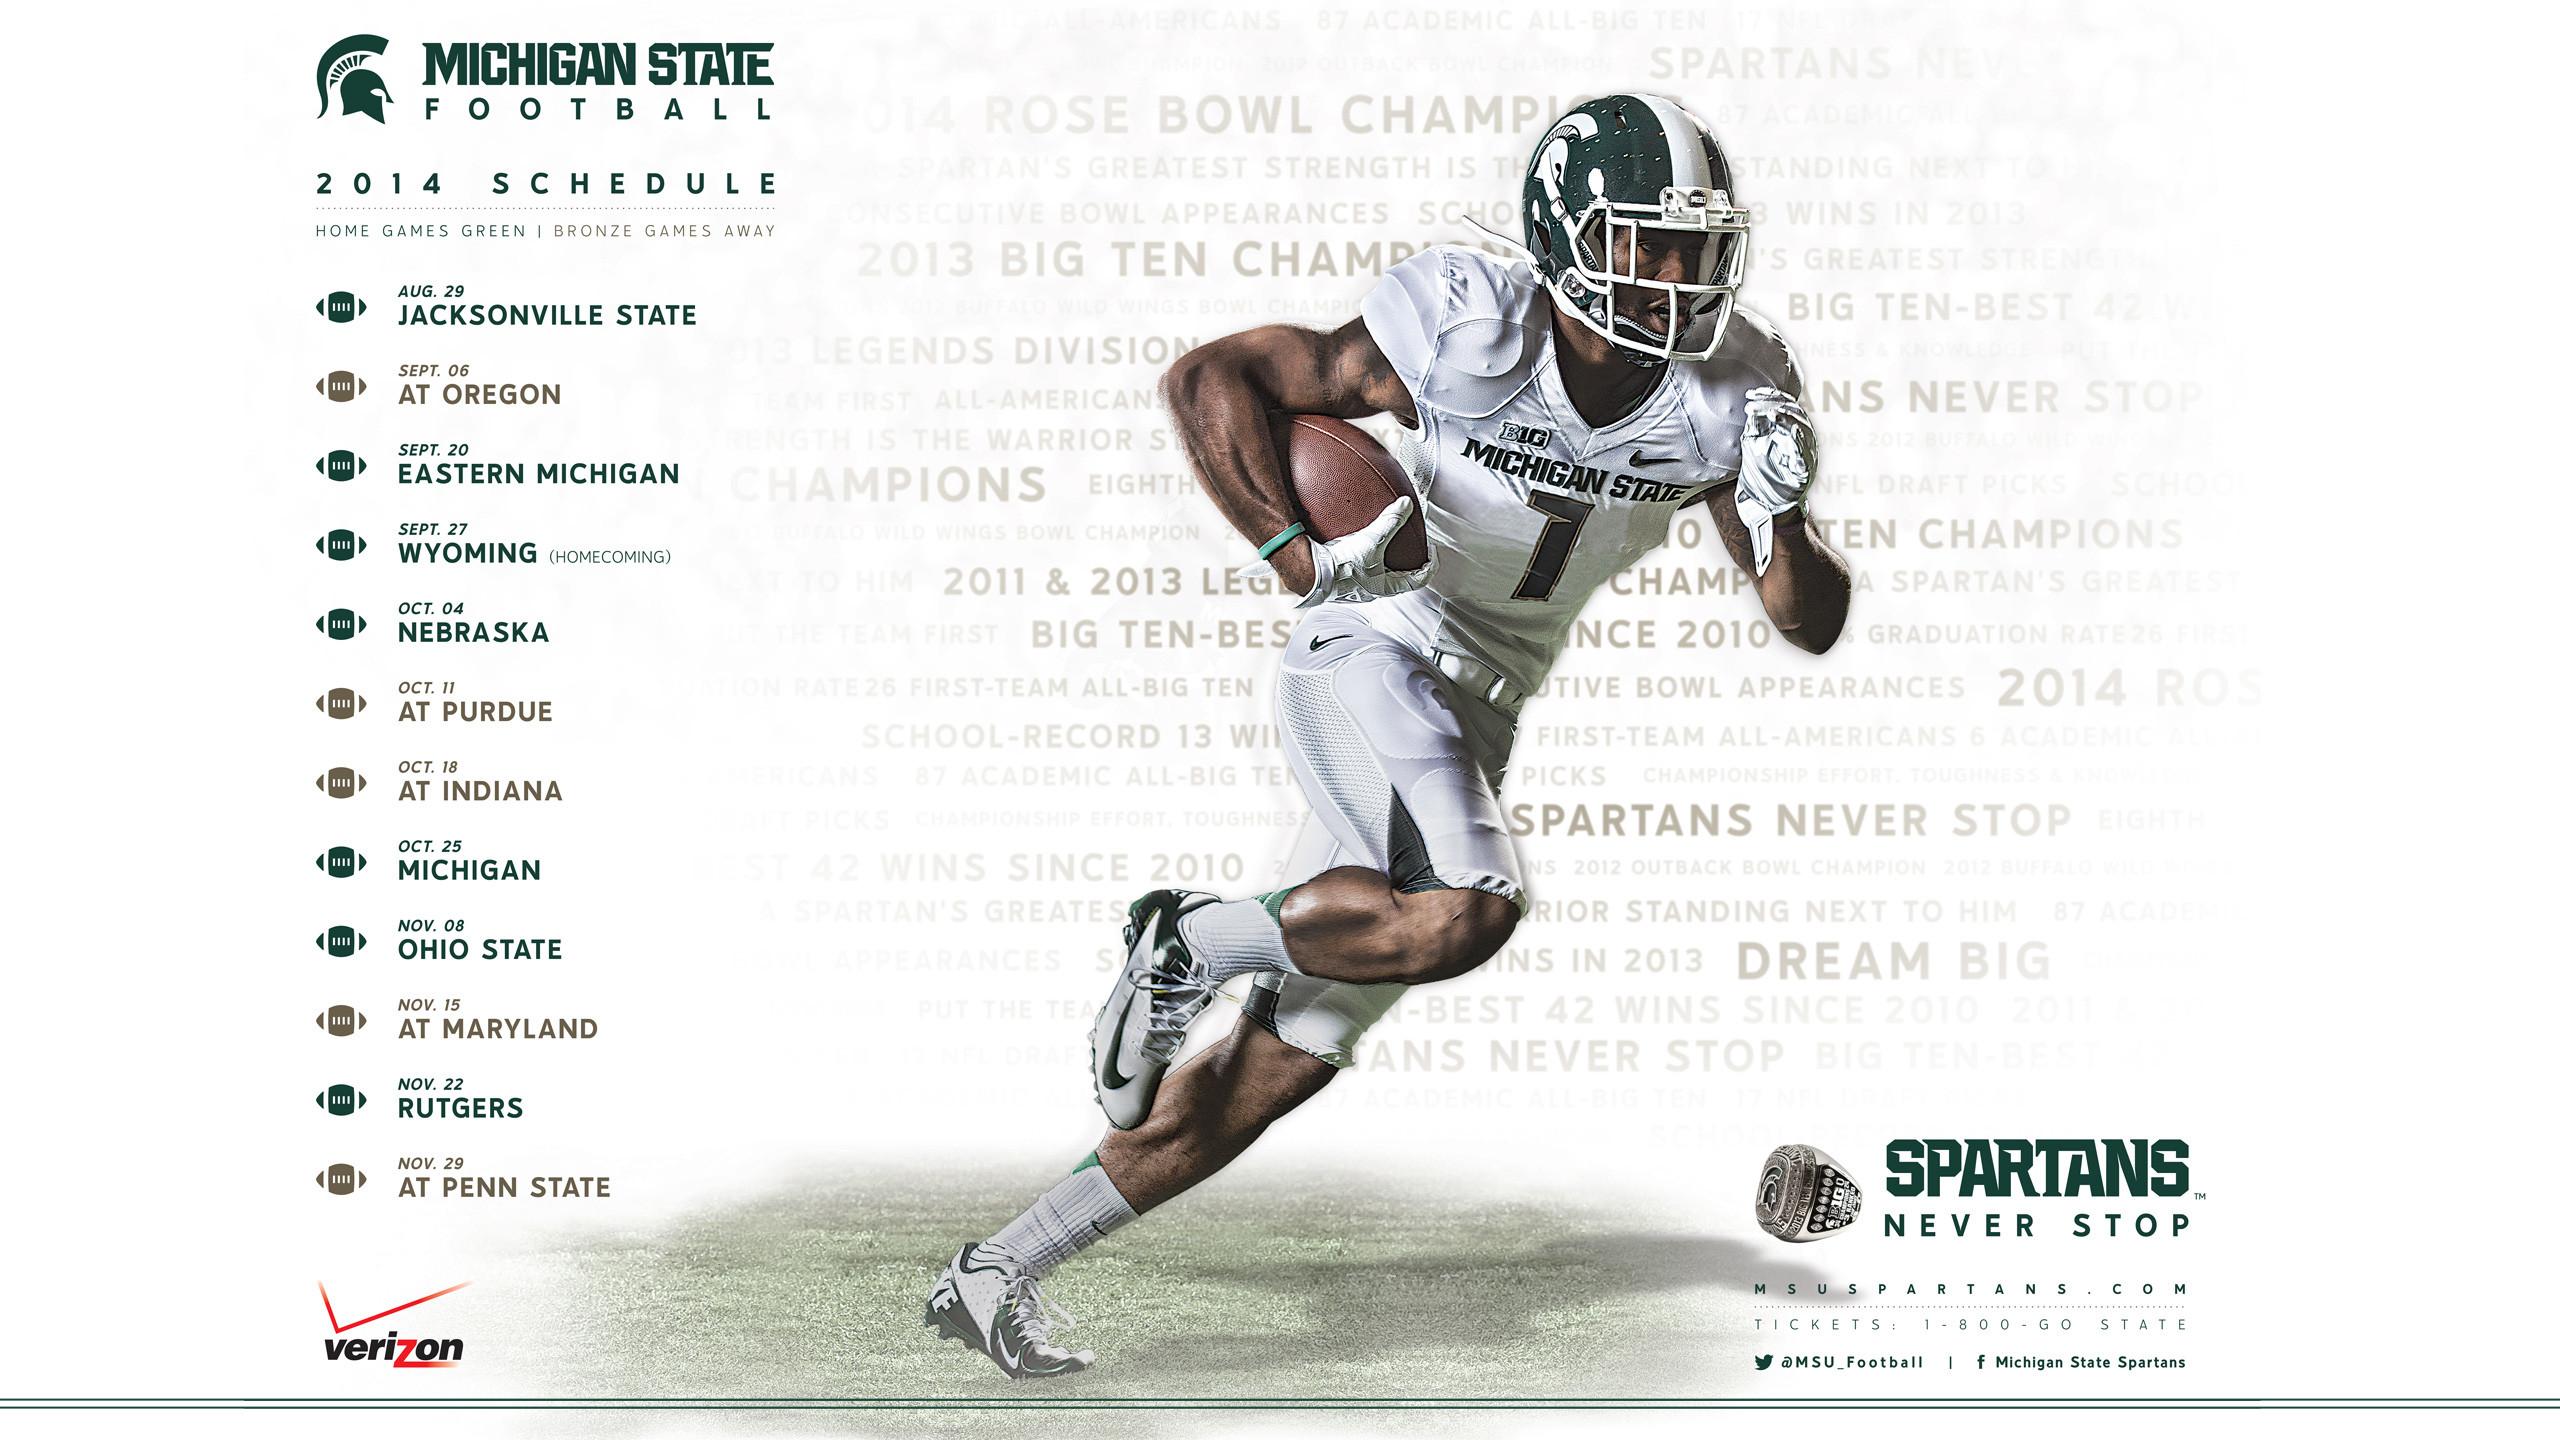 Msu Spartan Wallpaper 62 Pictures